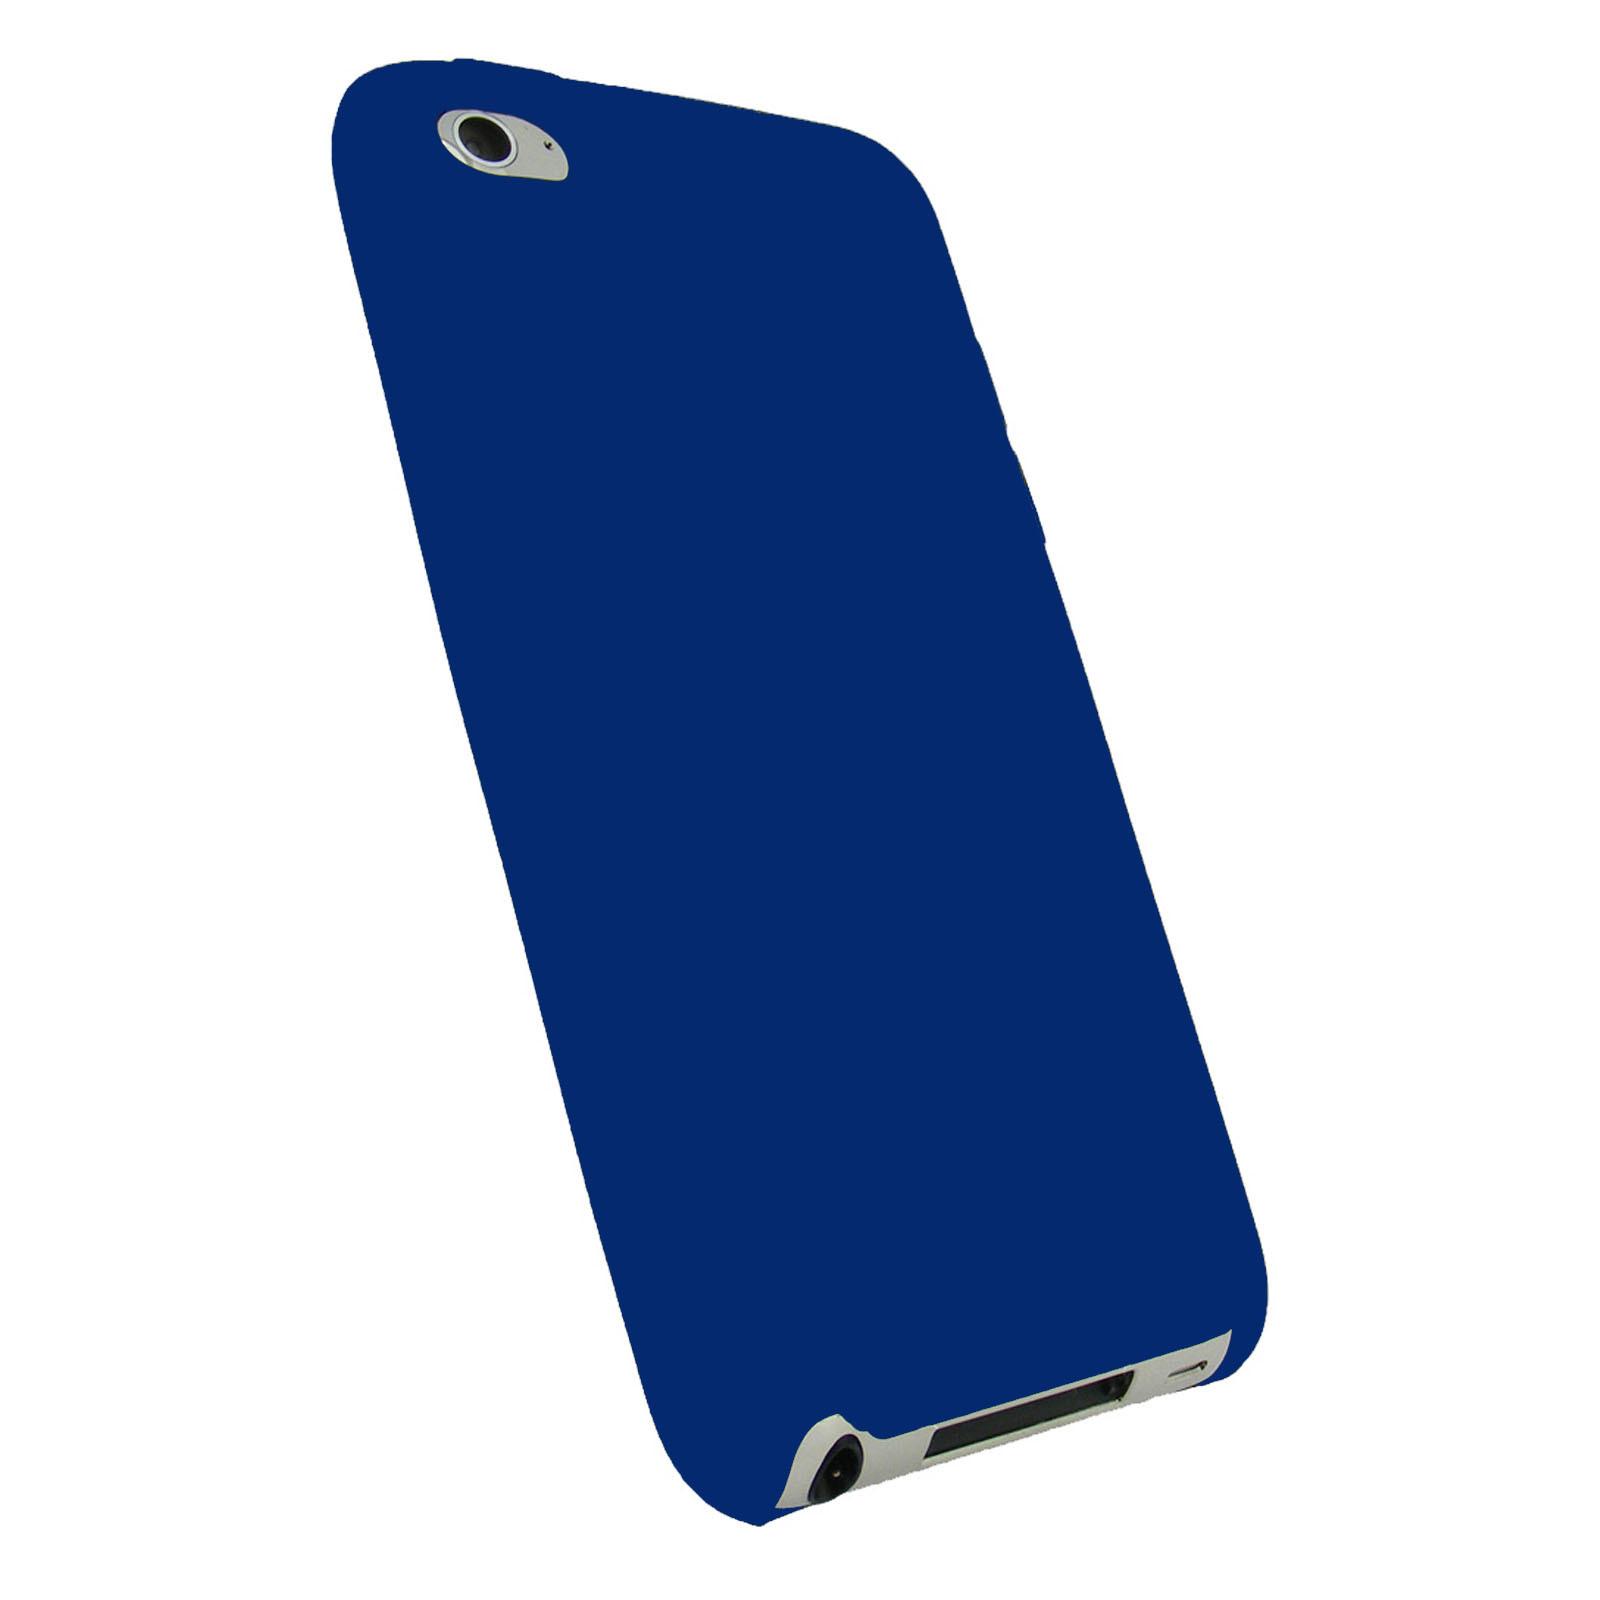 Ipod 5 price blue